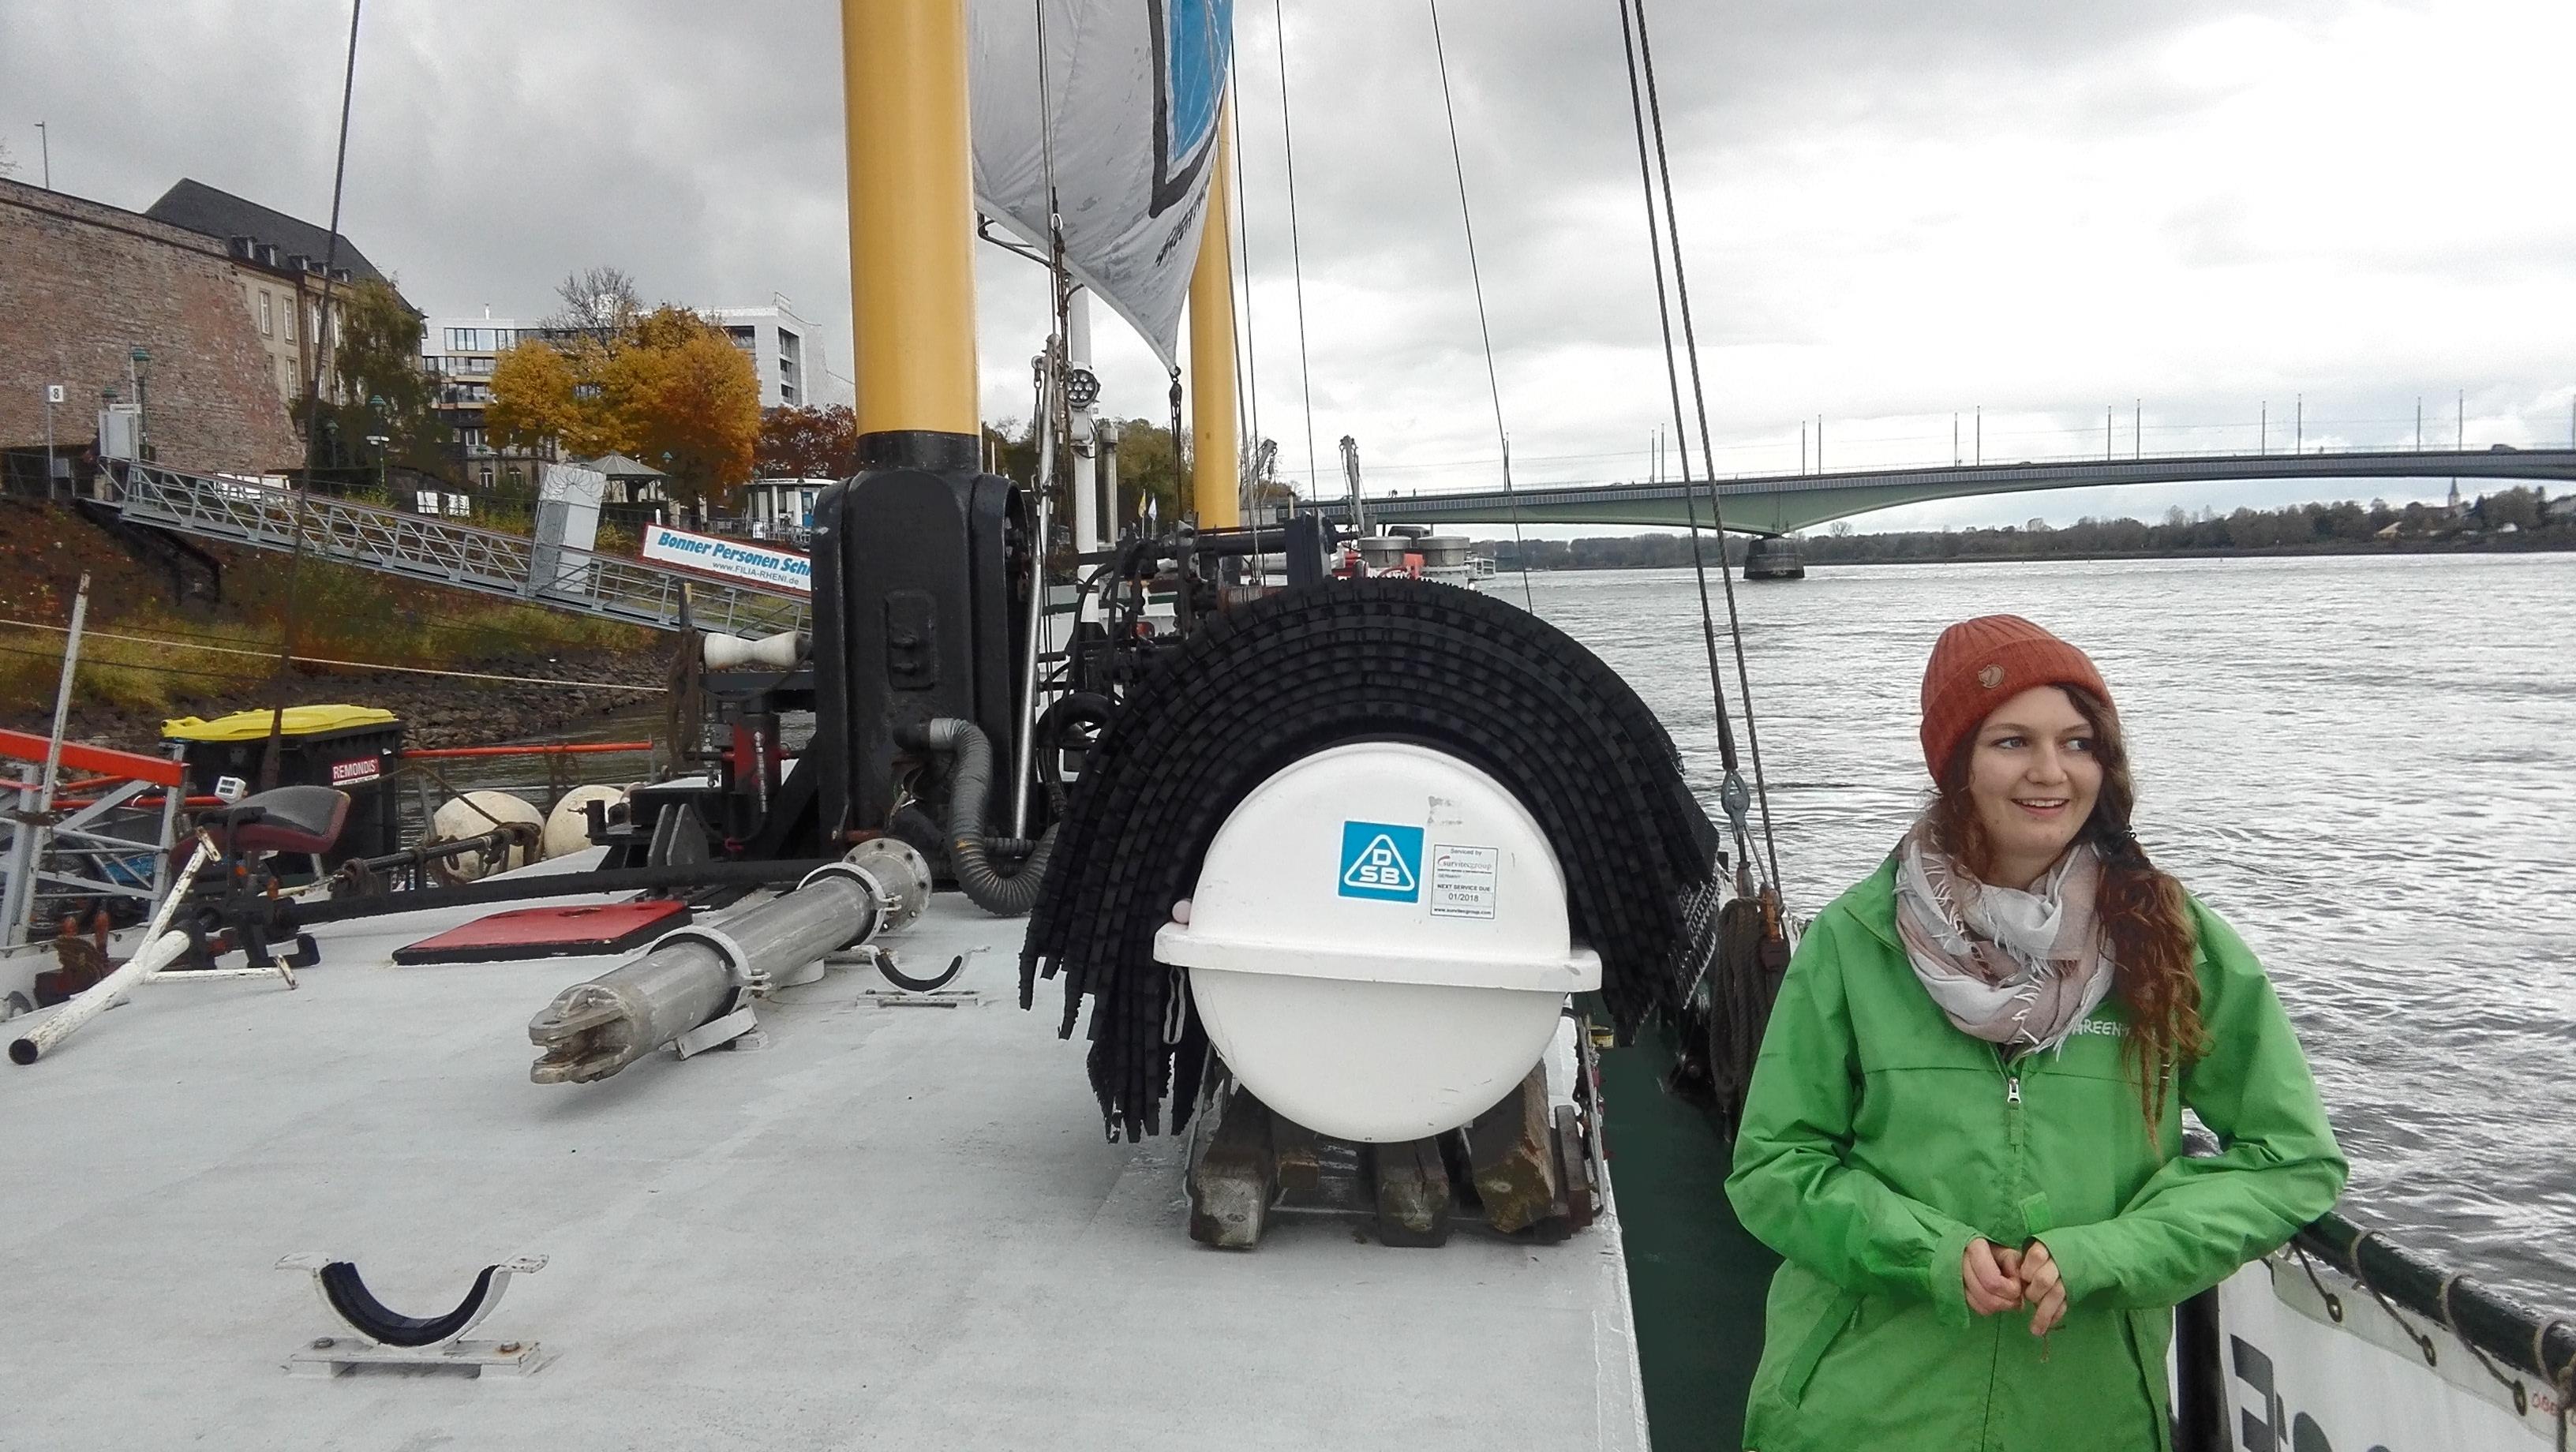 Фото: Наталья Парамонова. Волонтер Greenpeace Андреа проводит экскурсию по судну